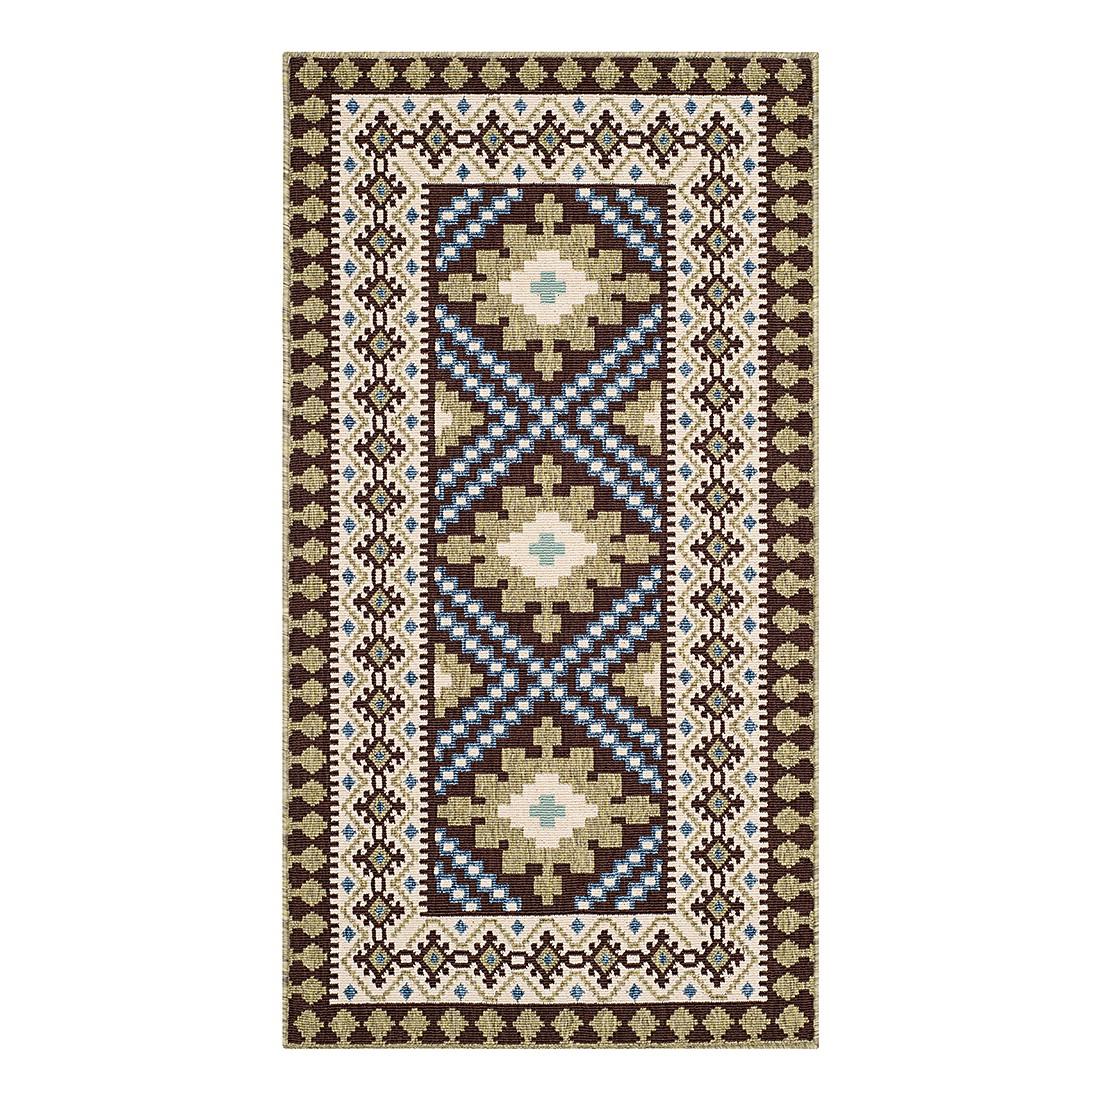 In-/Outdoorteppich Ratia – Schoko/Grün – Maße: 121 x 170 cm, Safavieh online bestellen